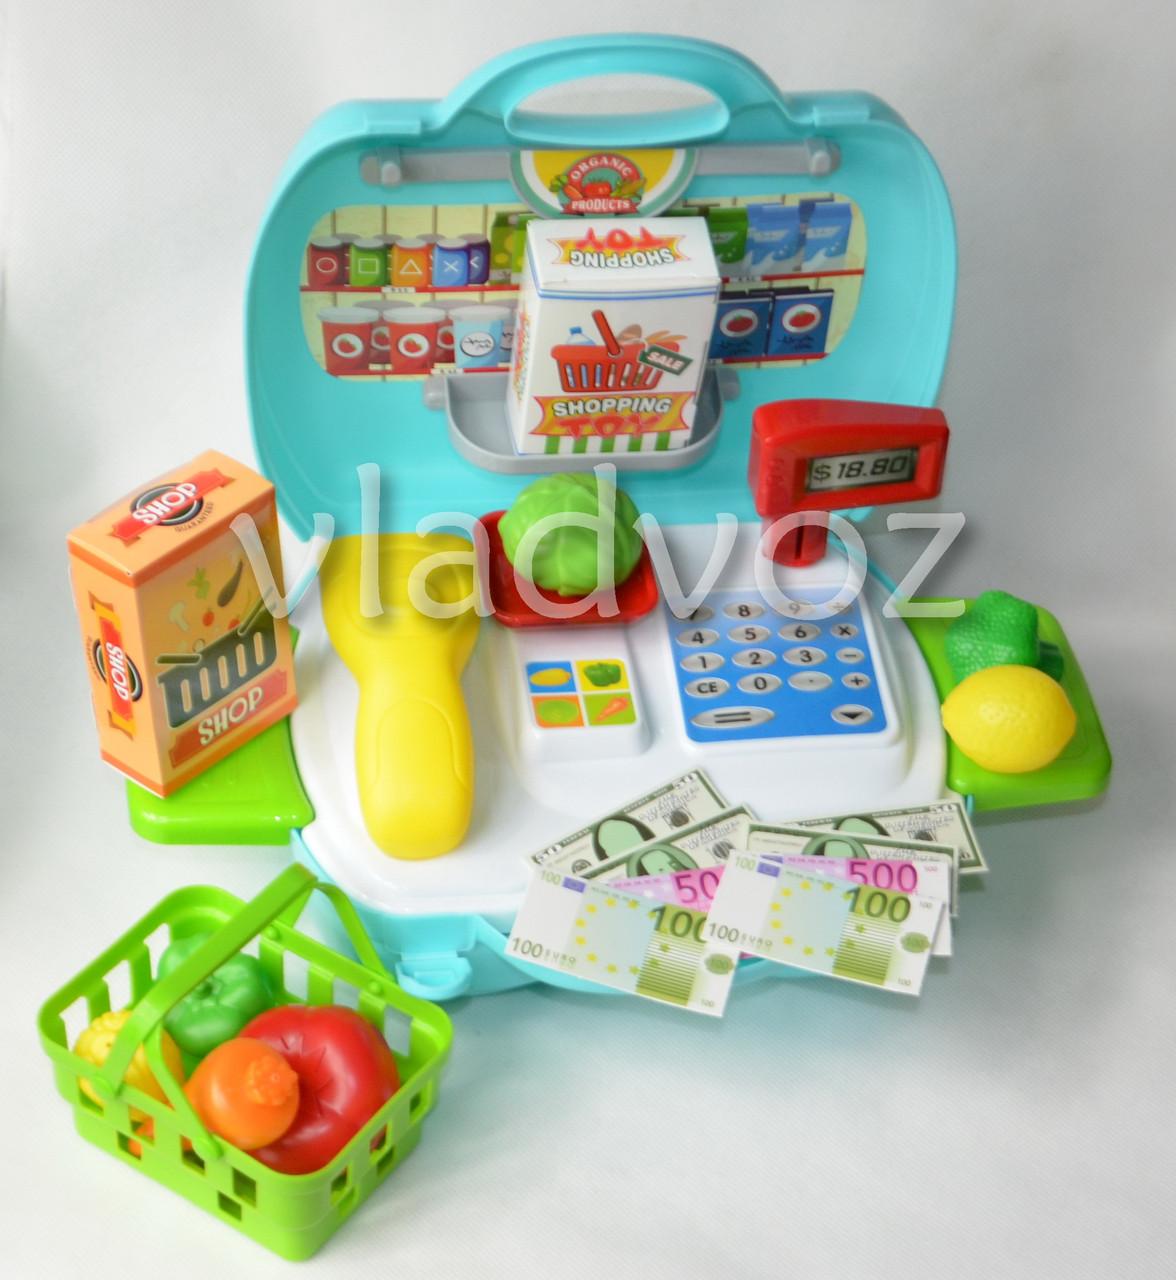 Игрушка детская касса игрушечная набор магазин в чемоданчике игровая с сканером Dream